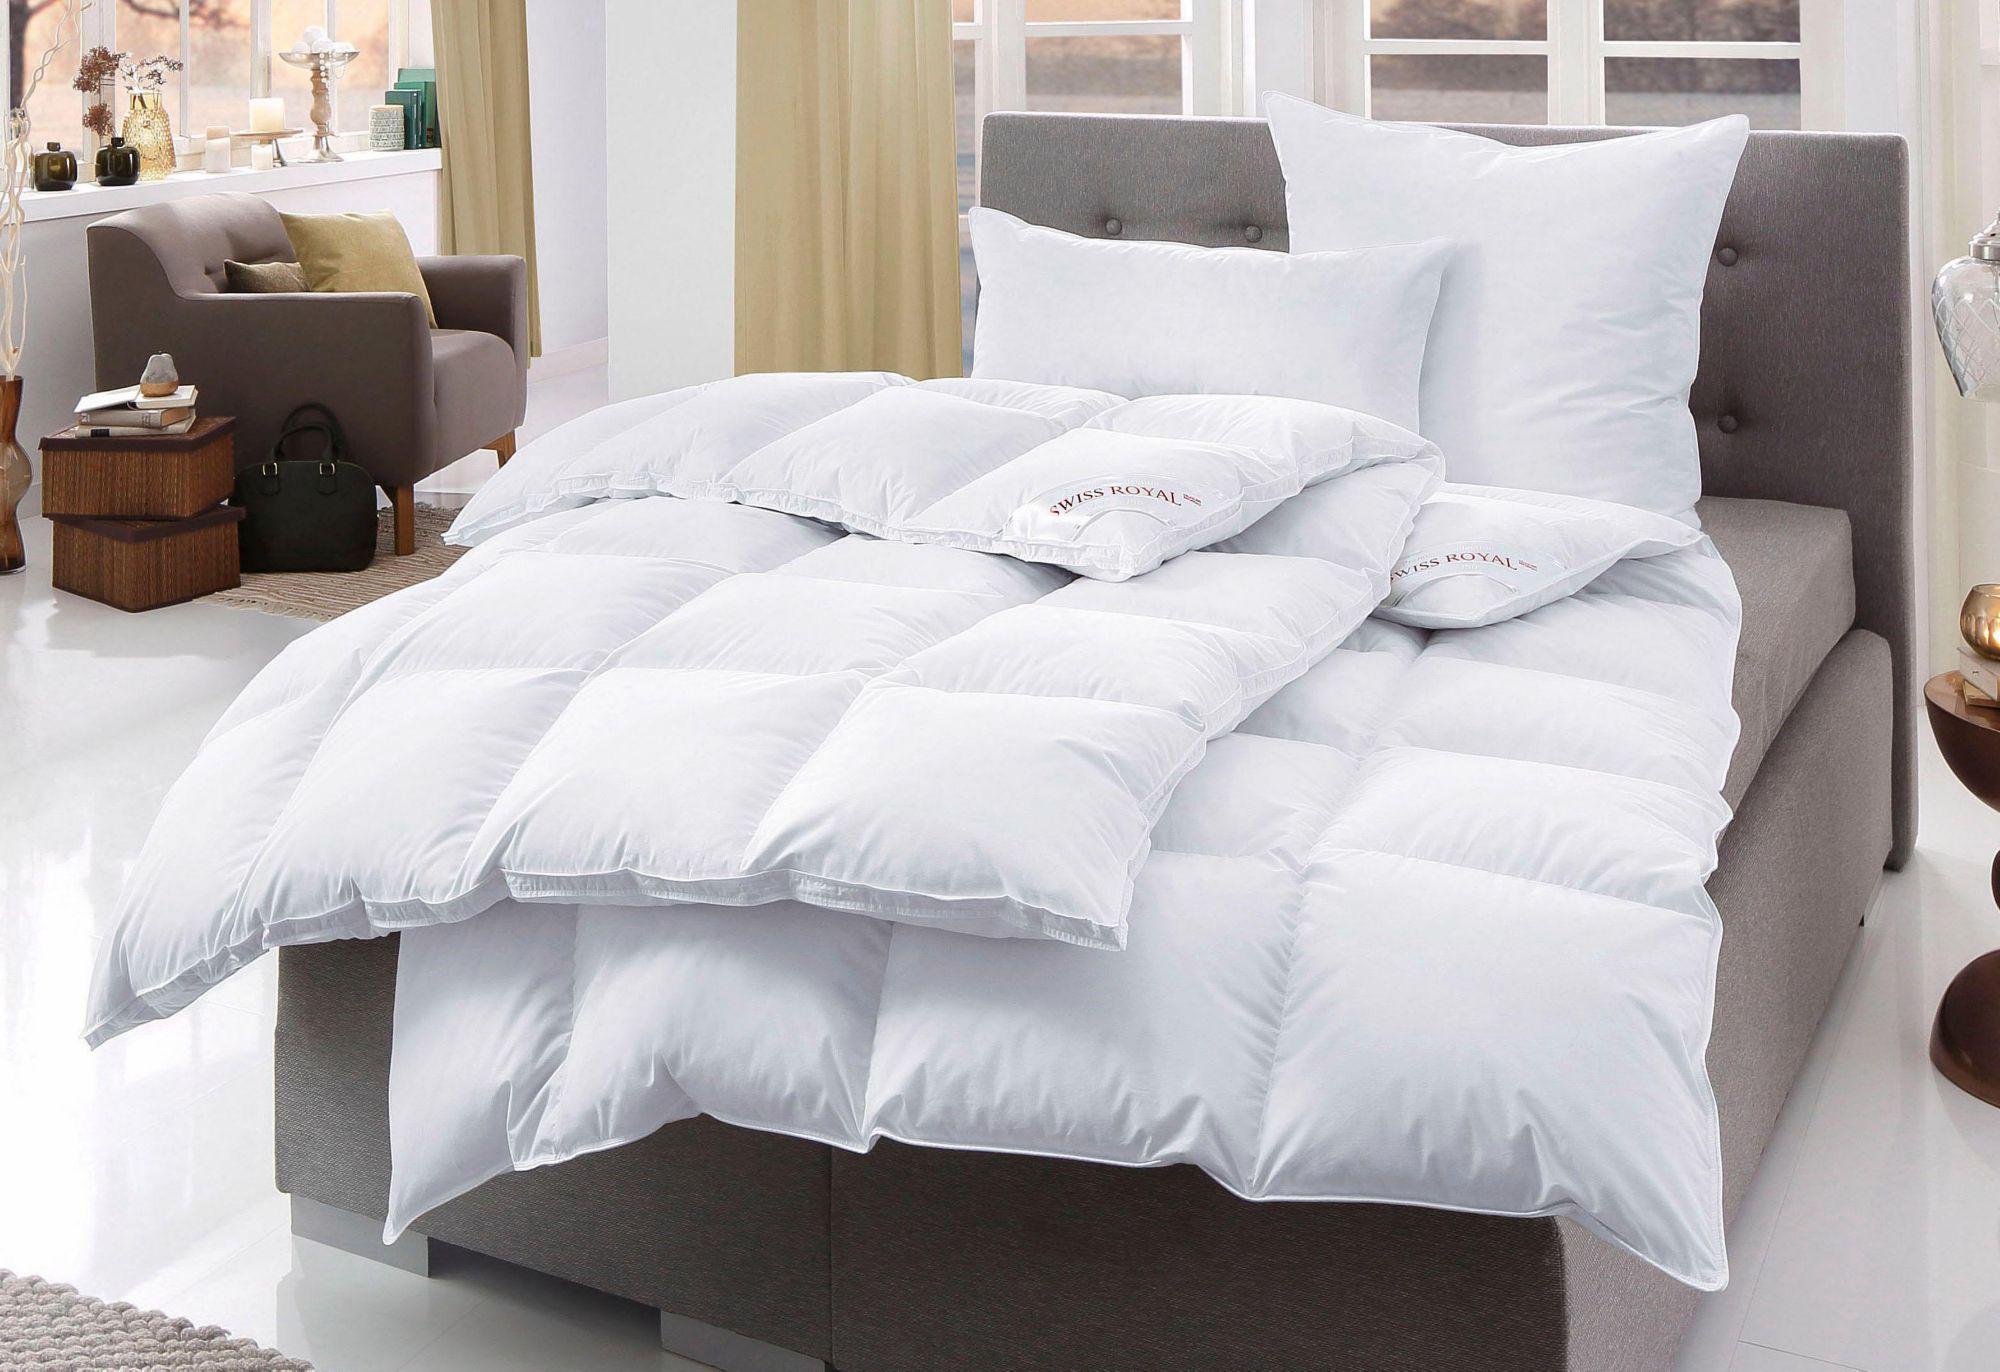 HÄUSSLING Bettdeckenset, »Swiss Royal«, Häussling, Extra Warm, 90% Daunen, 10% Federn